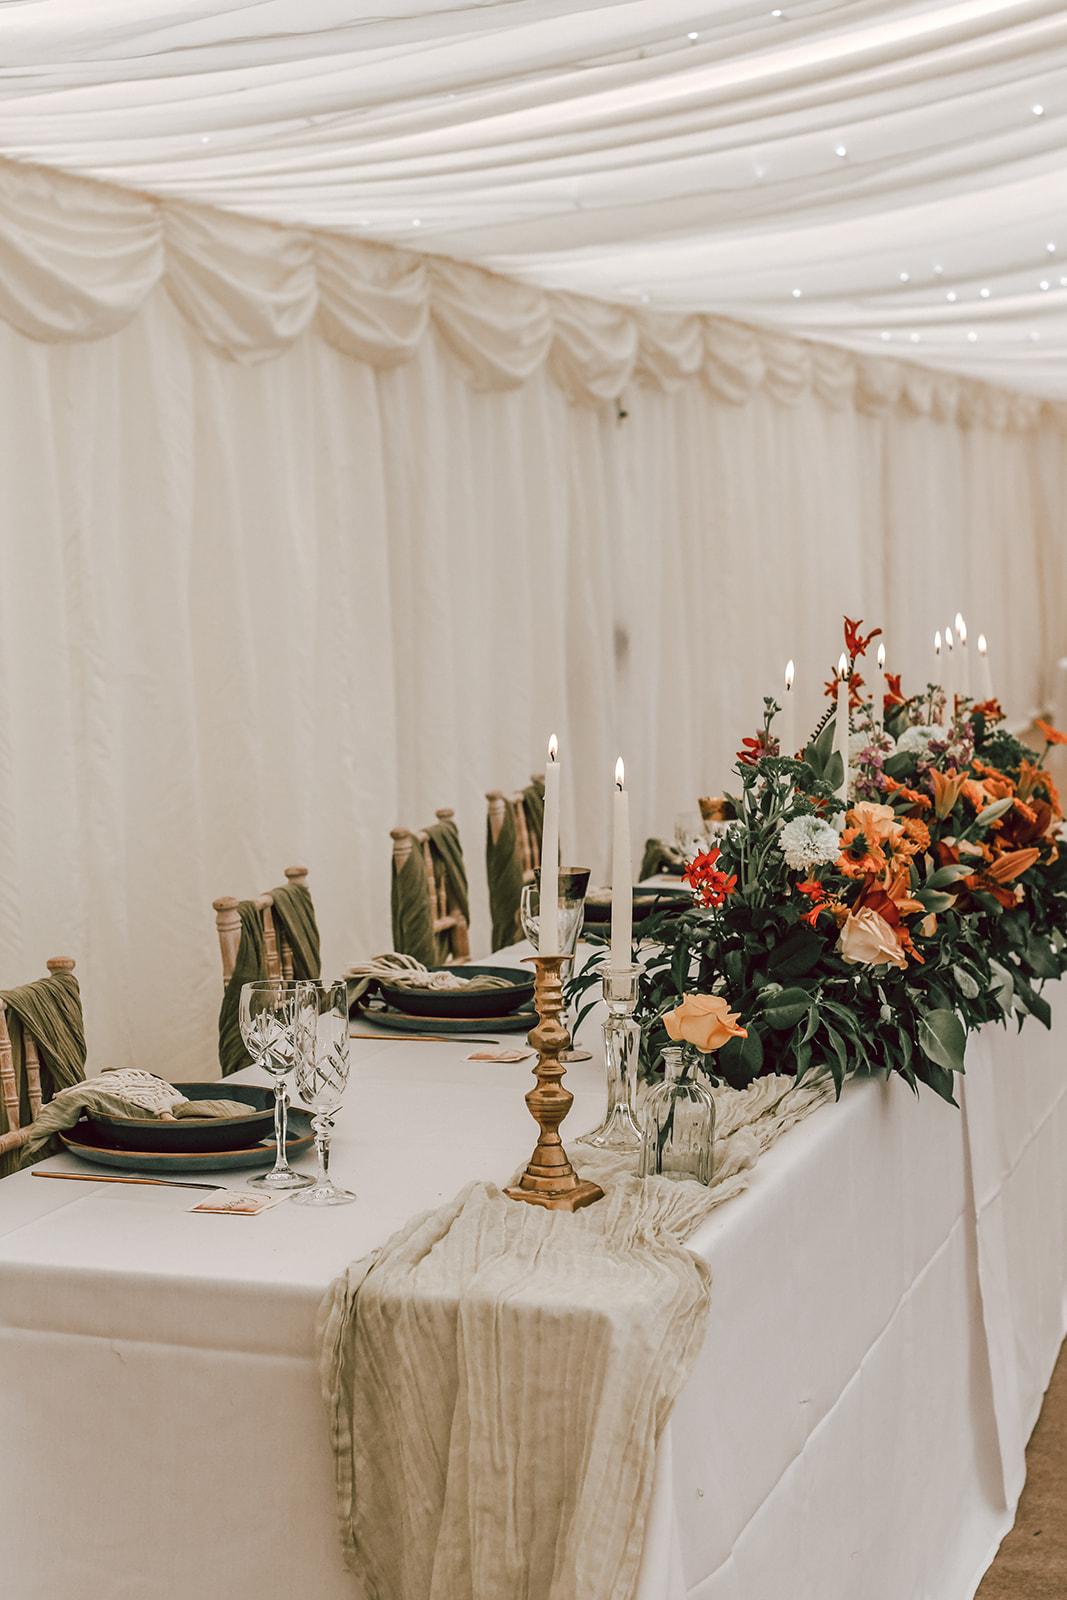 rustic festival wedding - autumn wedding decor - tipi wedding - unconventional wedding